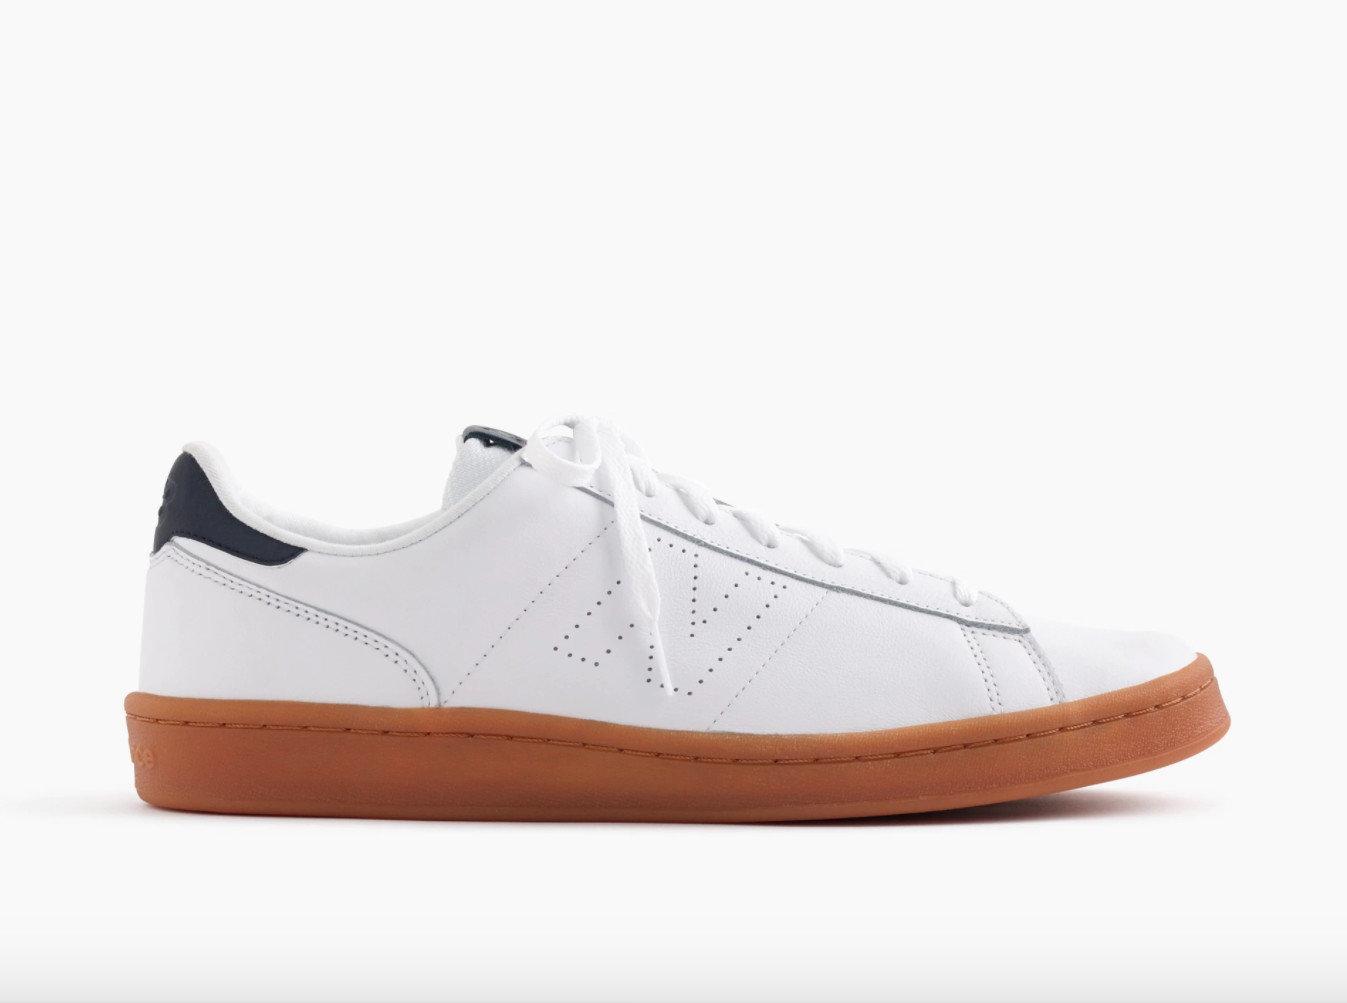 Packing Tips Style + Design Travel Shop footwear white shoe orange sportswear sneakers brown walking shoe skate shoe product product design brand tennis shoe beige cross training shoe